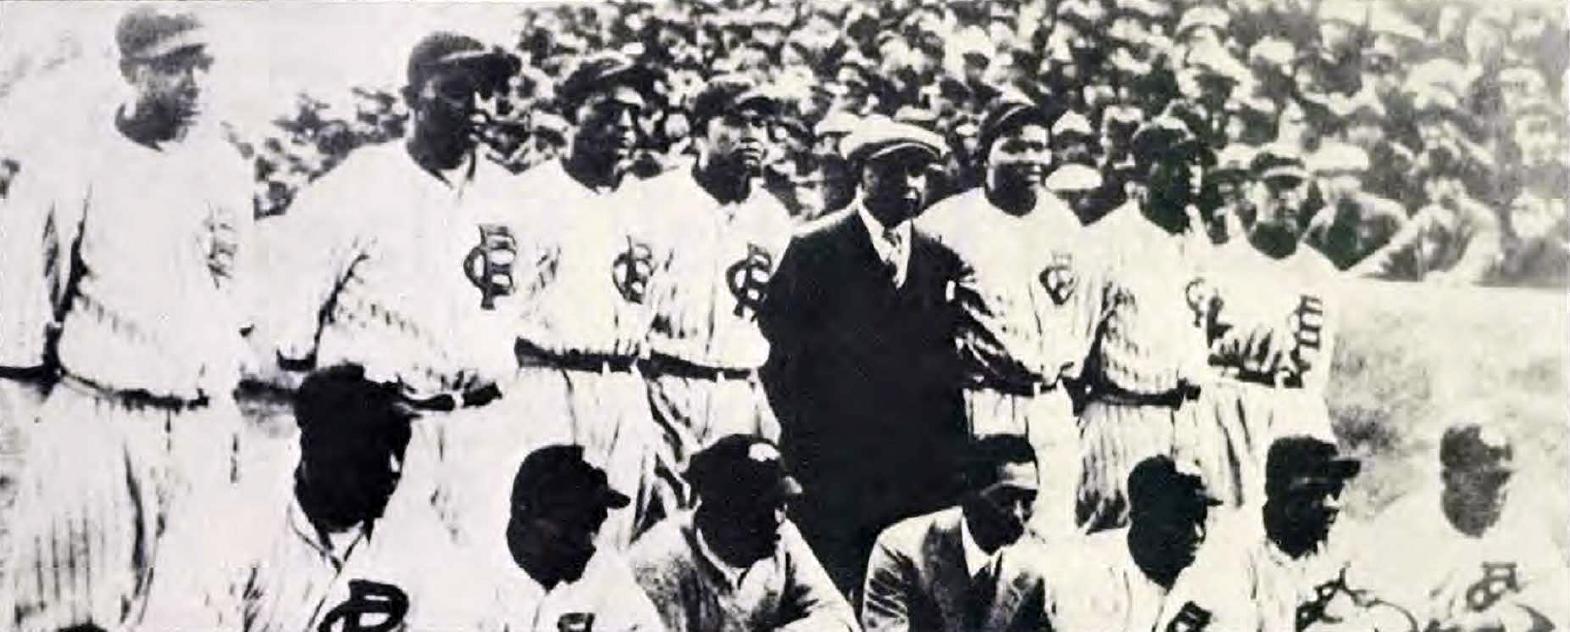 1927 Philadelphia Royal Giants in Japan (COURTESY OF JOHN THORN)